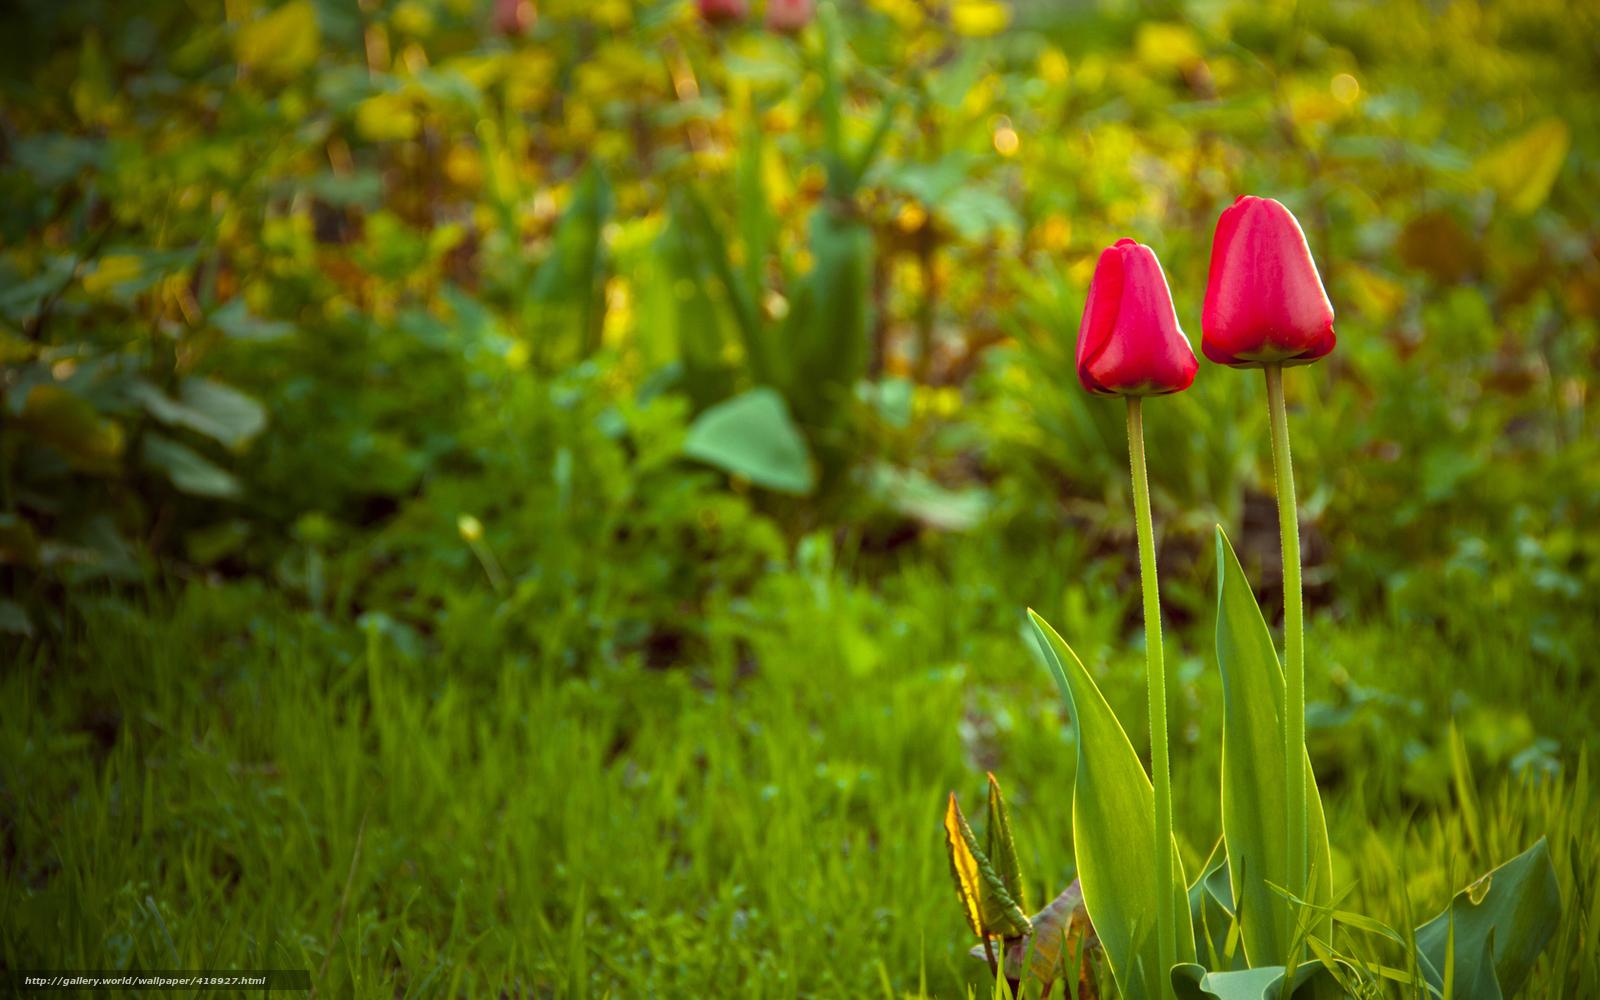 Scaricare gli sfondi primavera tulipani erba prato for Immagini per desktop fiori